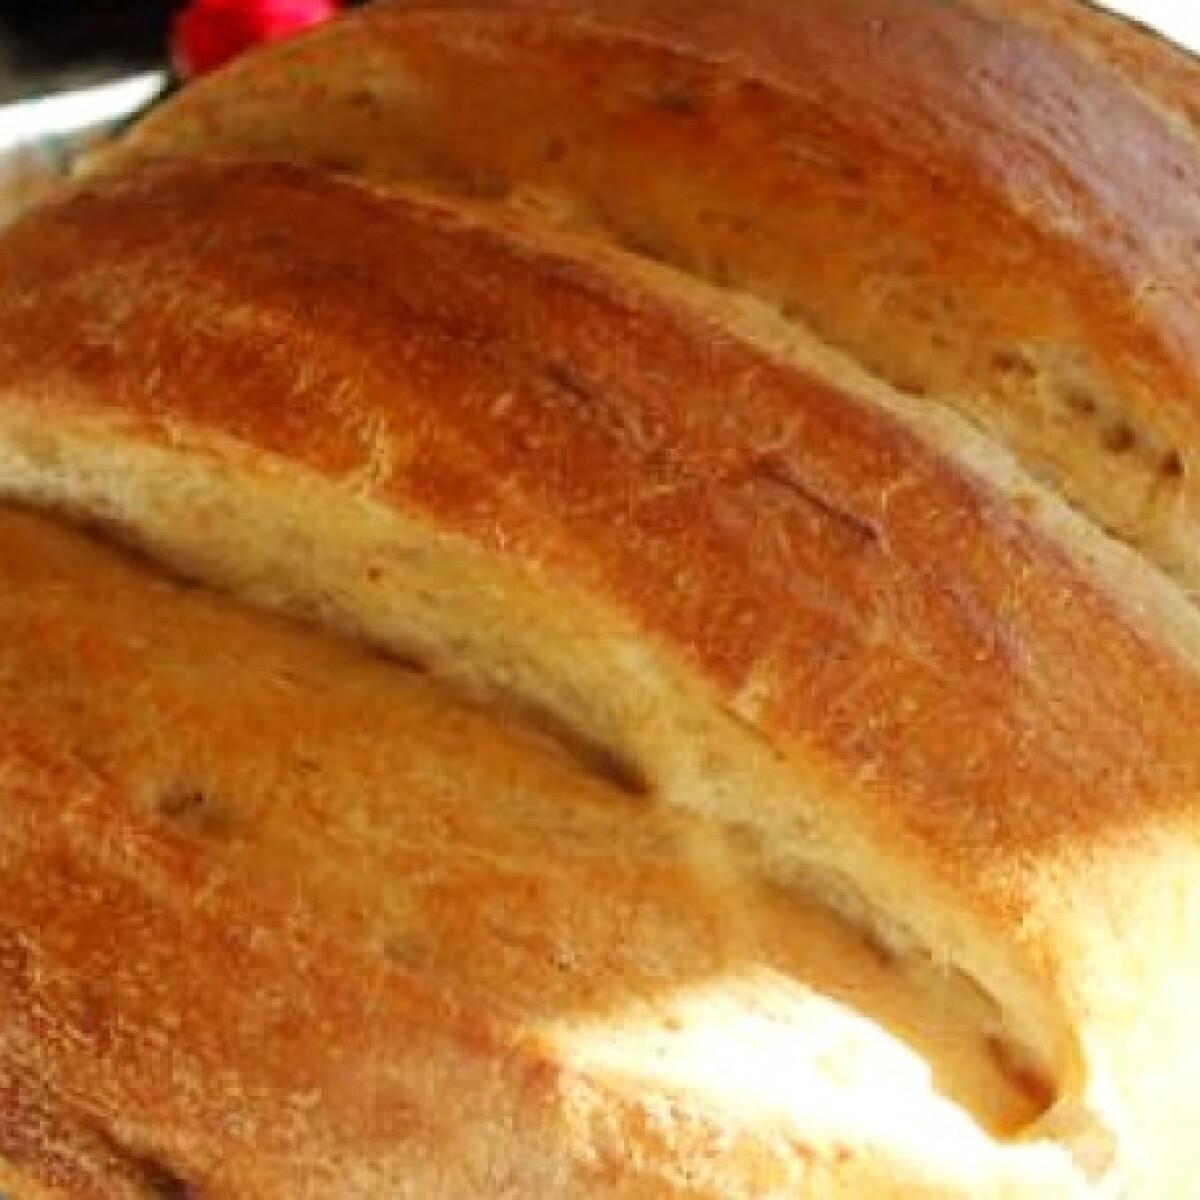 Kovászos kenyér háromféle lisztből